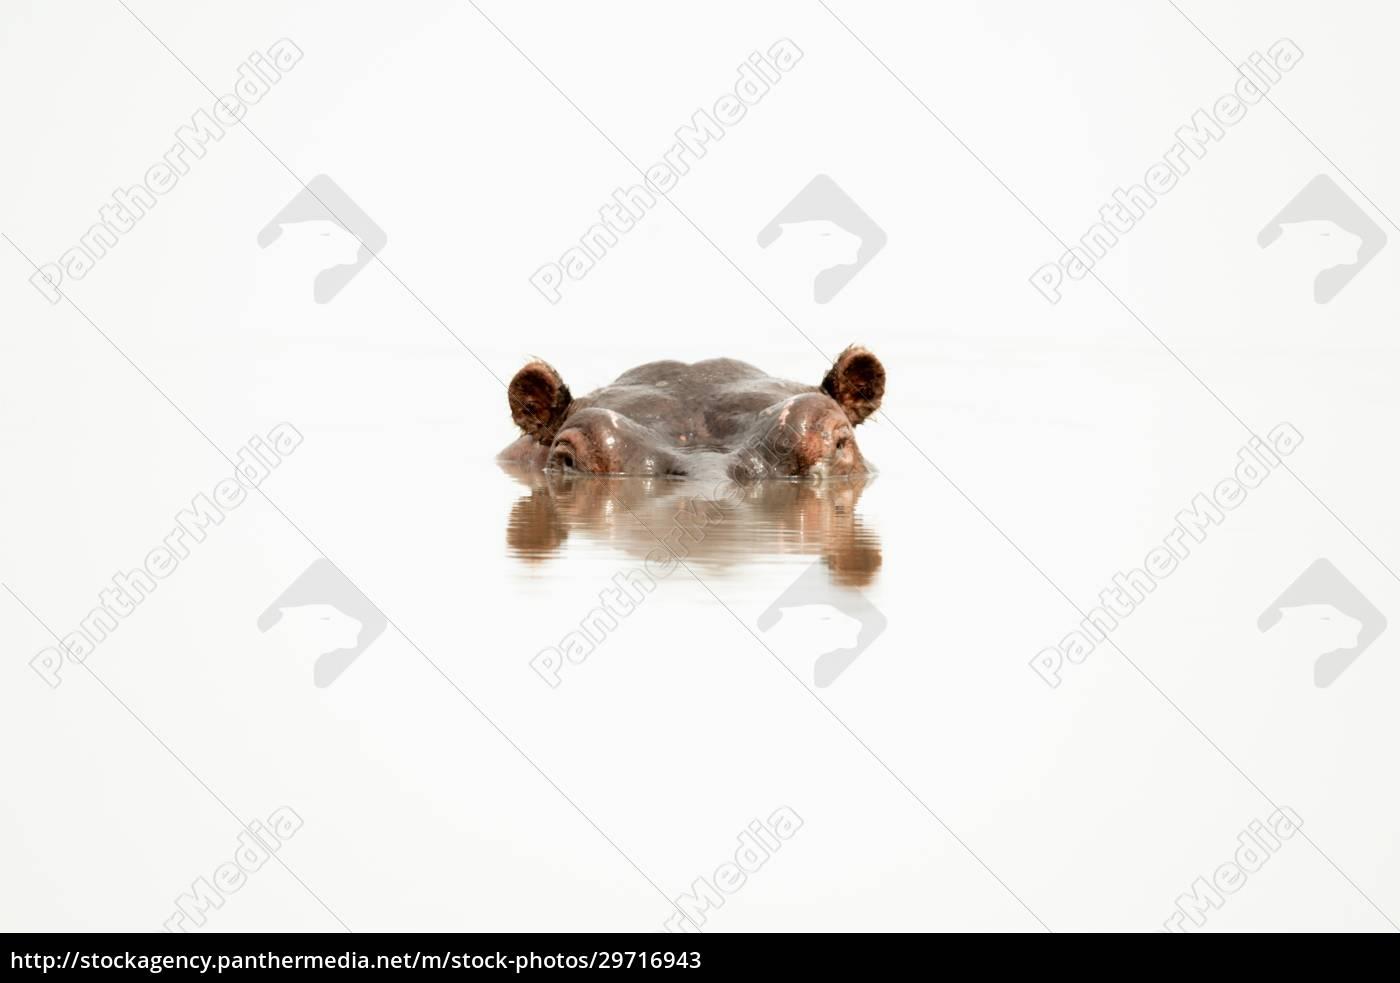 hippokopf, mit, zerrissener, reflexion, im, wasserloch - 29716943